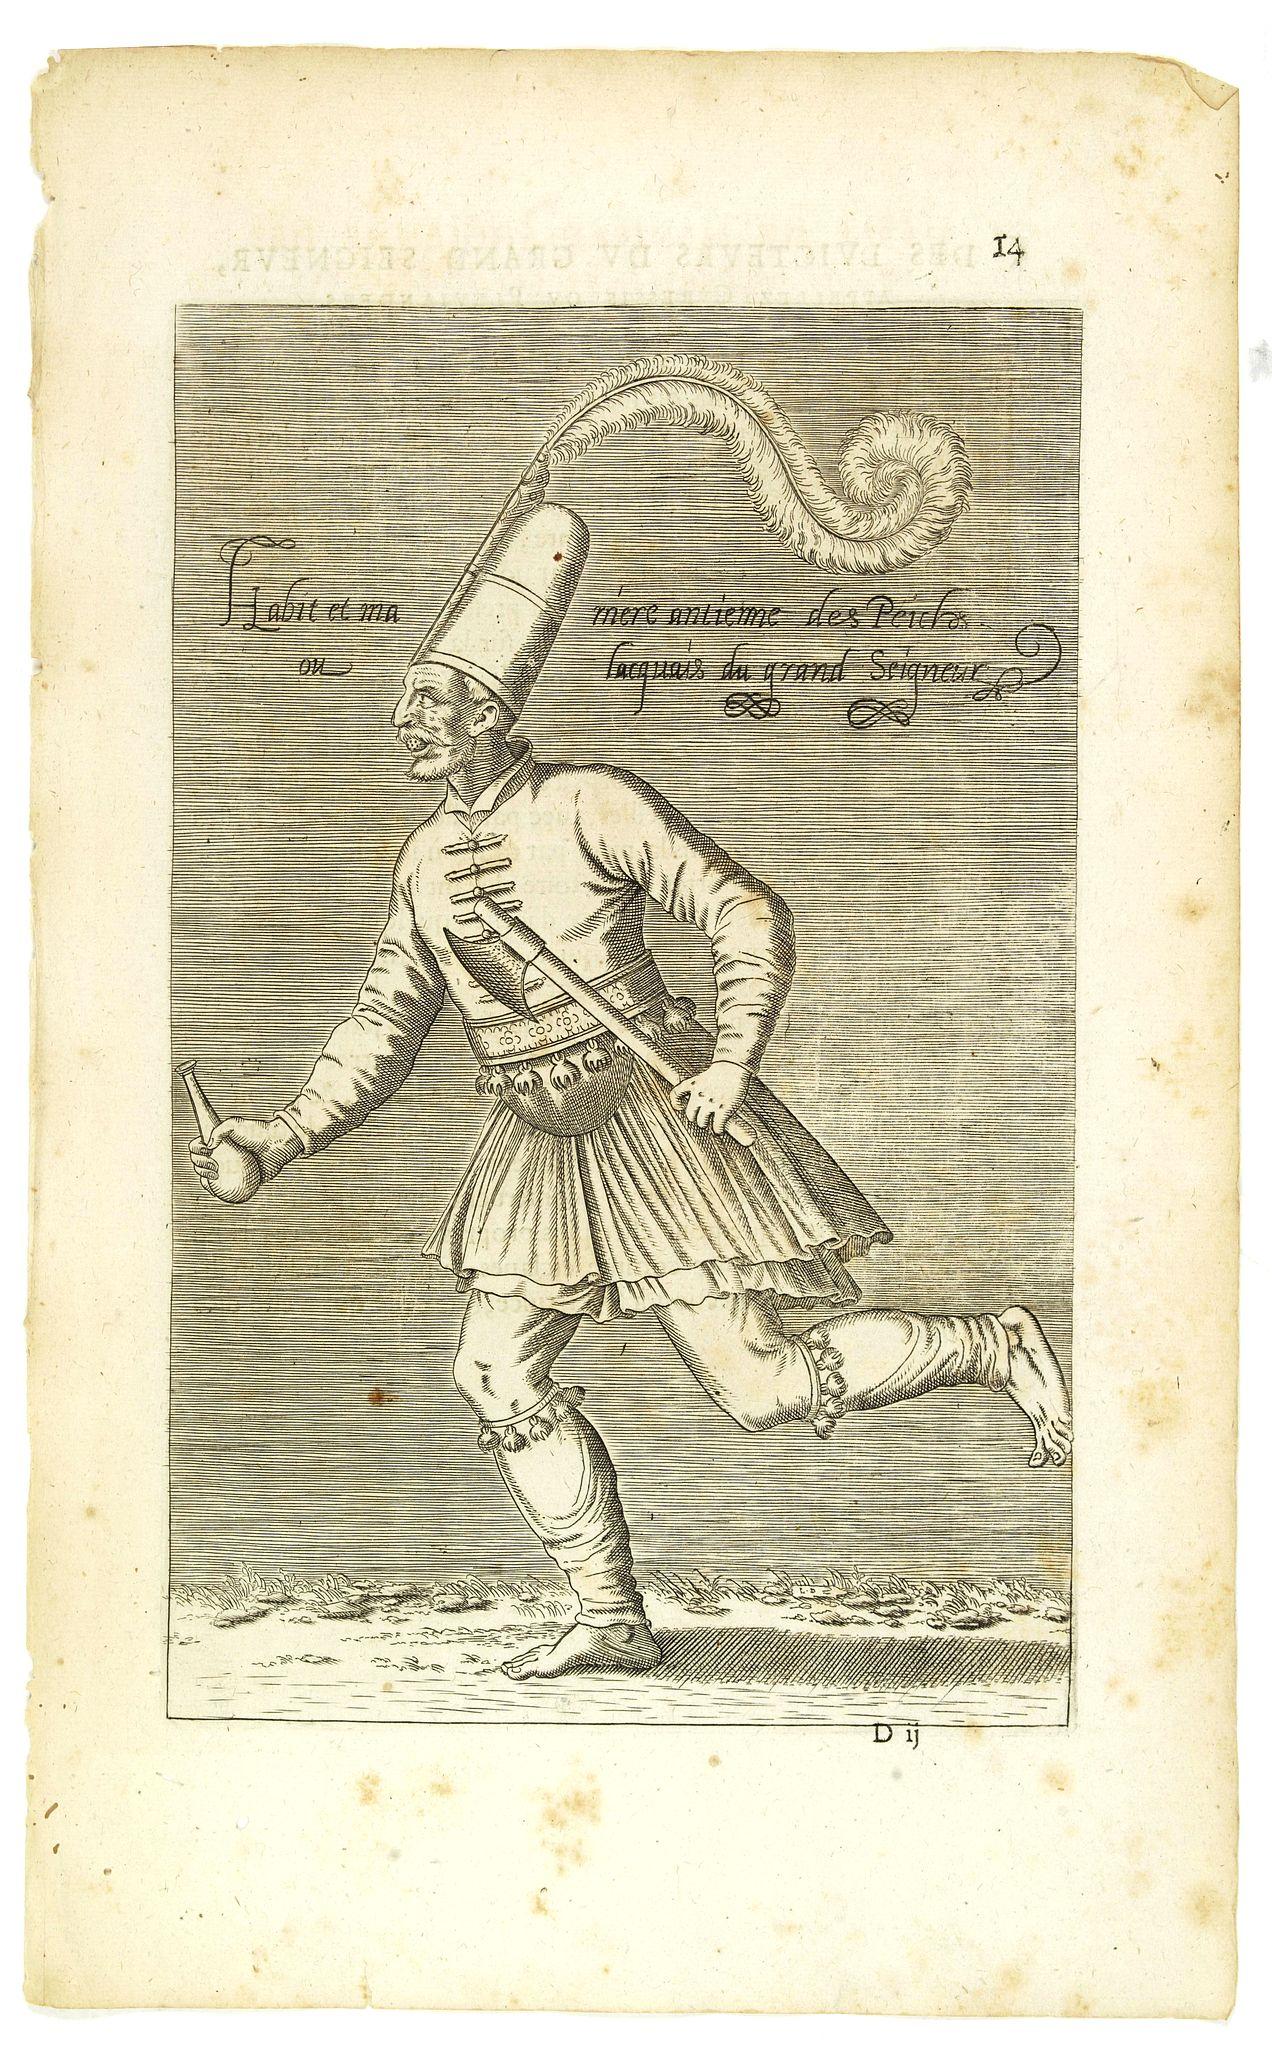 NICOLAS DE NICOLAY, Thomas Artus (sieur d'Embry). -  Habit et Manière ancienne des Peiches ou Laquais du Grand Seigneur. (14)